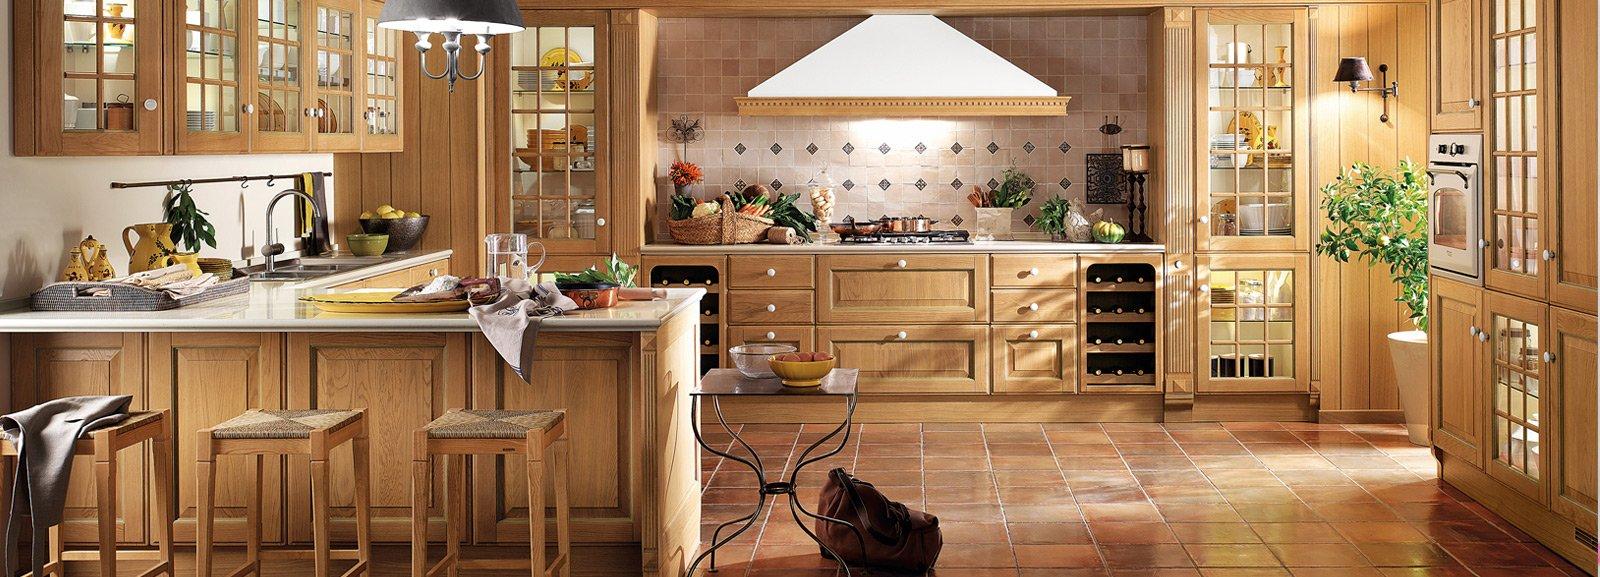 Cucine country stile tradizionale o new classic cose di casa for Rivestimenti per cucine classiche